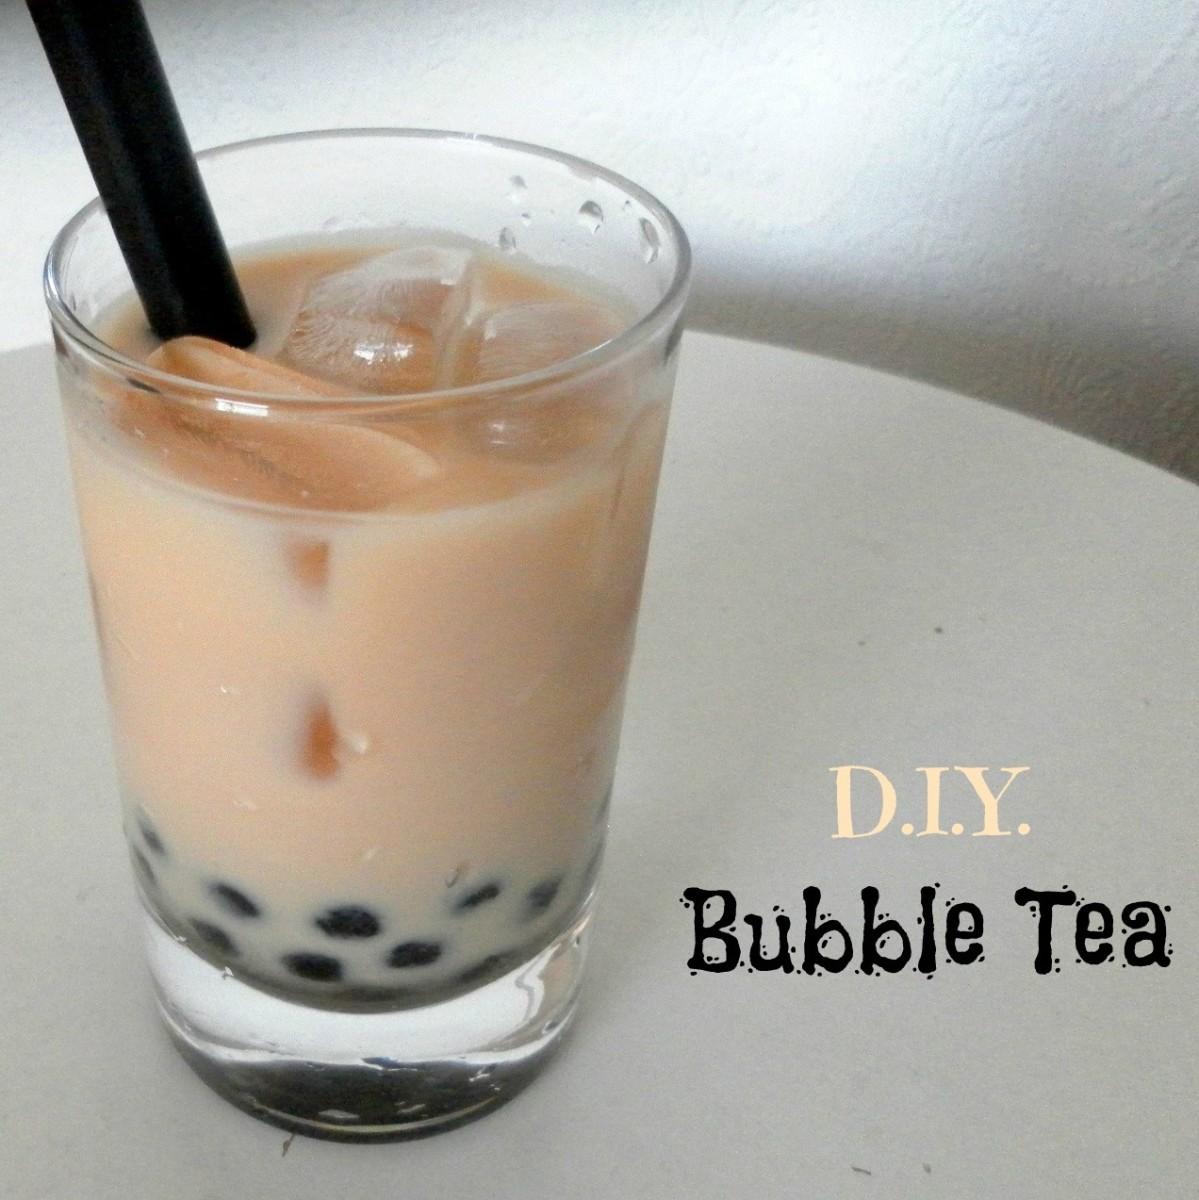 How to Make DIY Bubble Tea (Boba Tea)